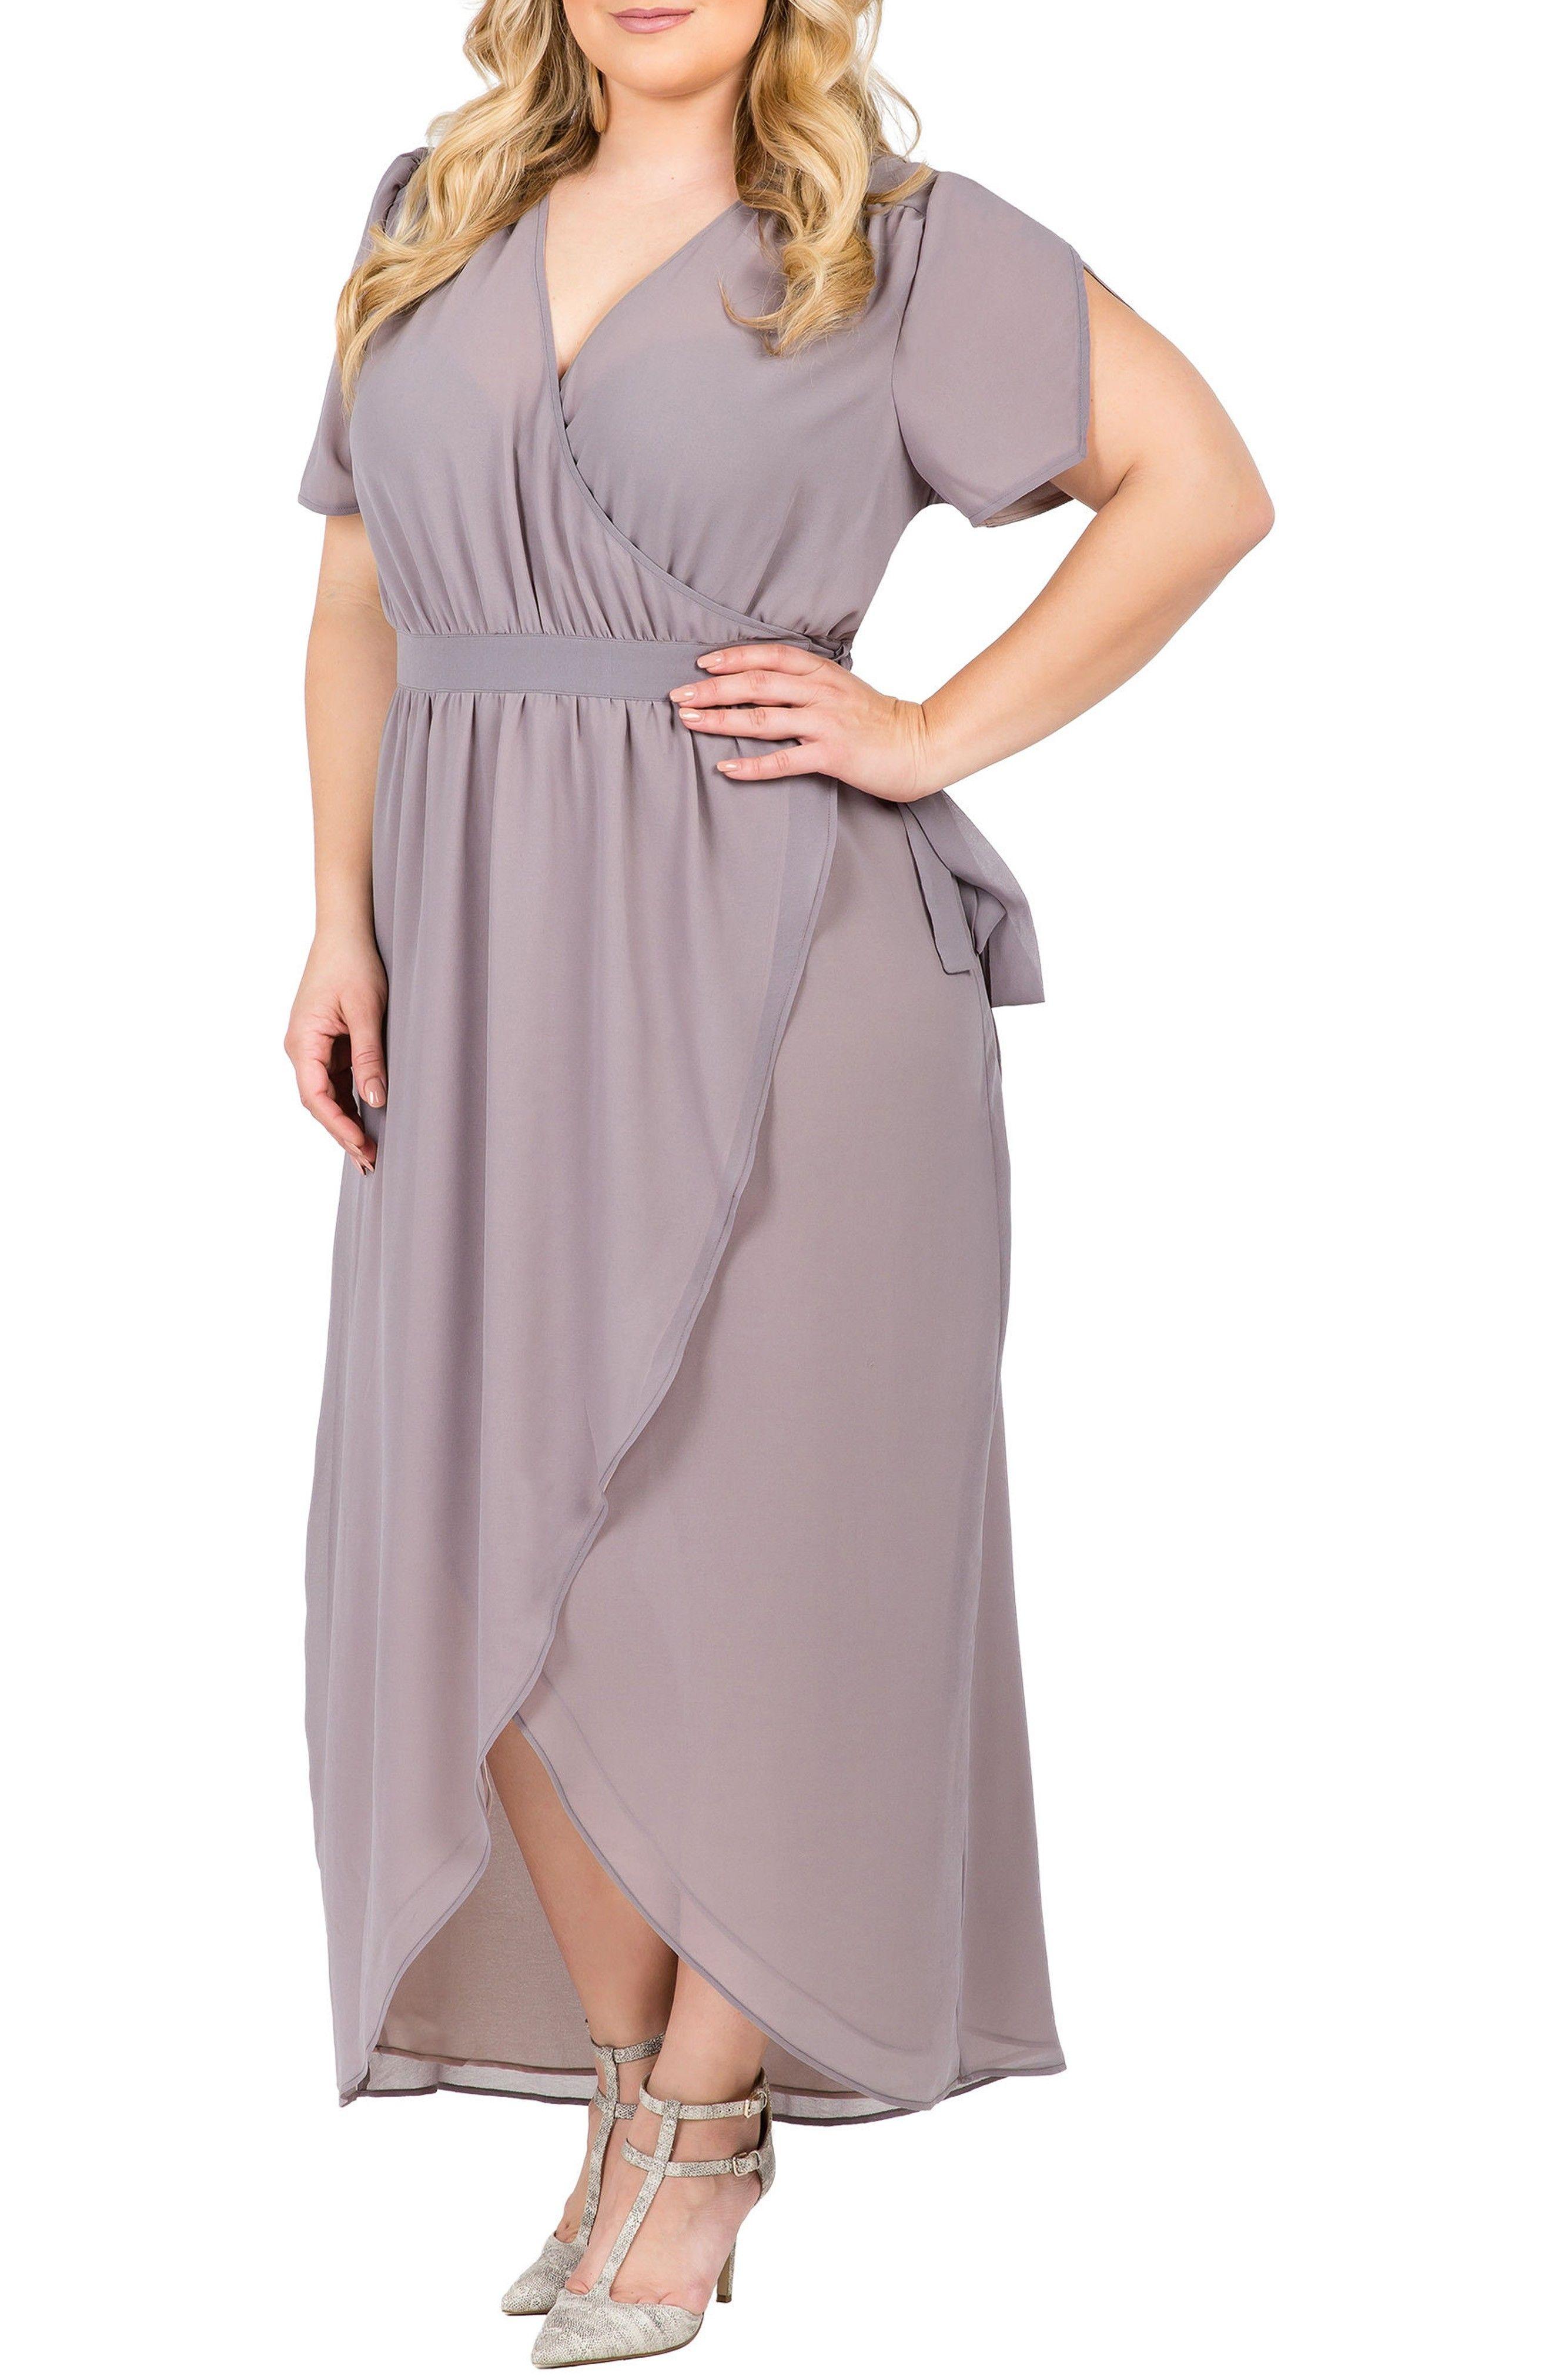 e67d5b1f567 New Standards Practices Robin Wrap Maxi Dress (Plus Size), Nouveau fashion  dress online. [$92]>>offershop Shop fashion 2017 <<